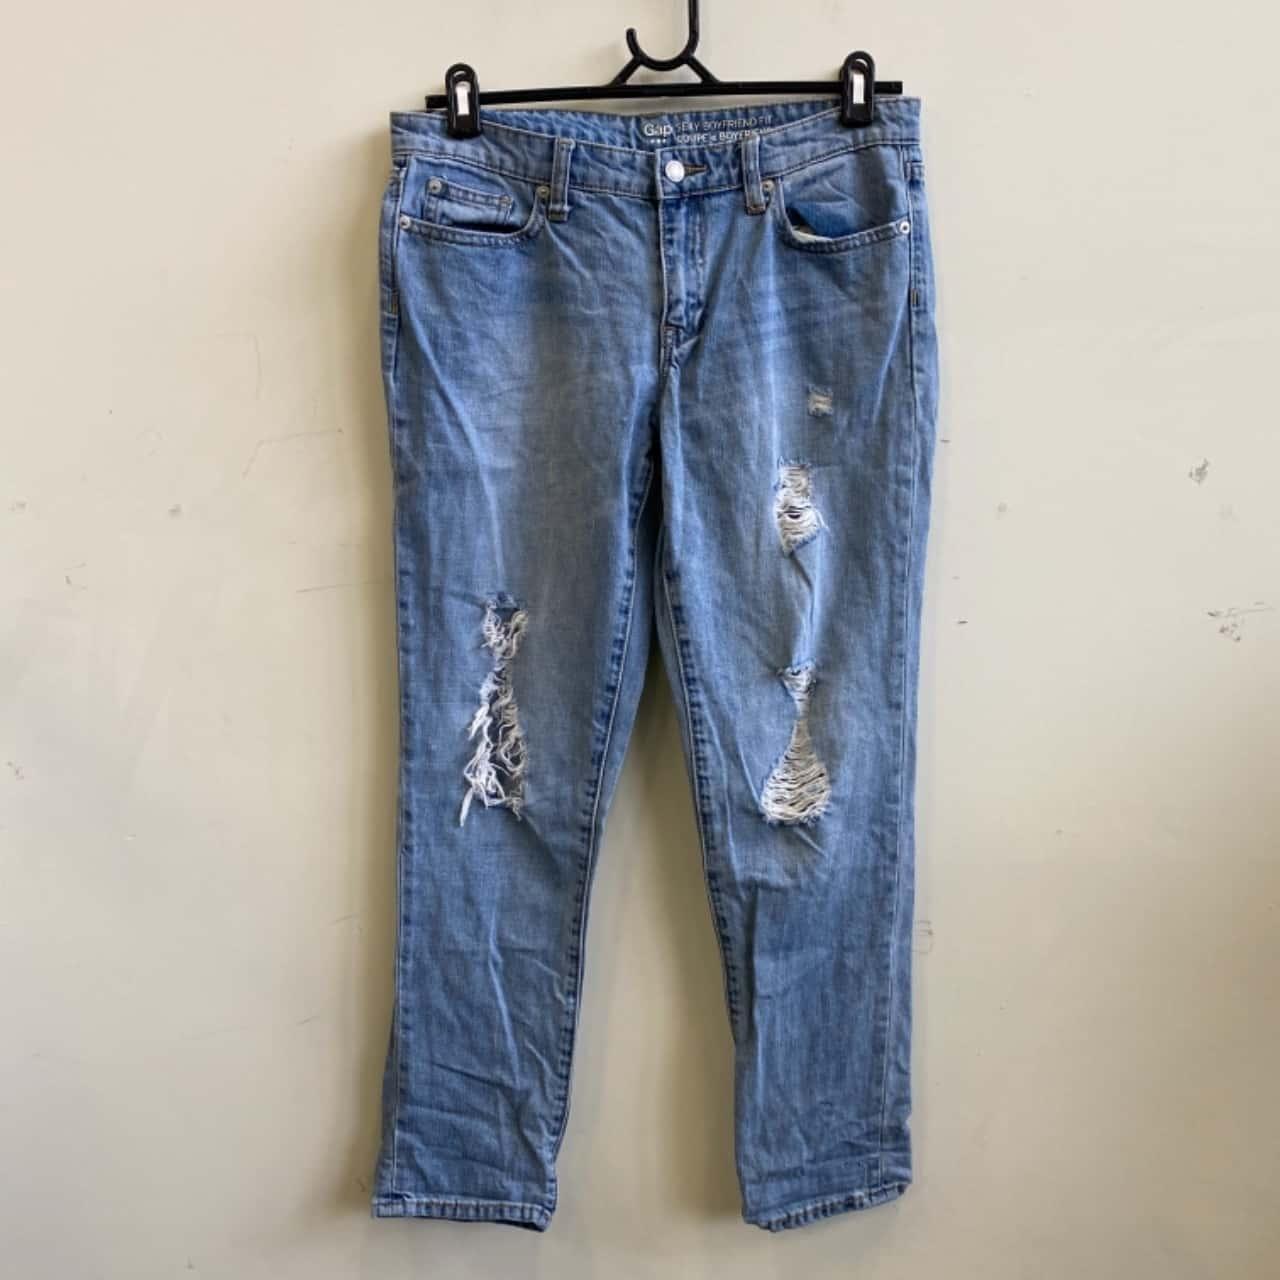 Gap Womens Size 8 Ripped Boyfriend Fit Light Blue Jeans